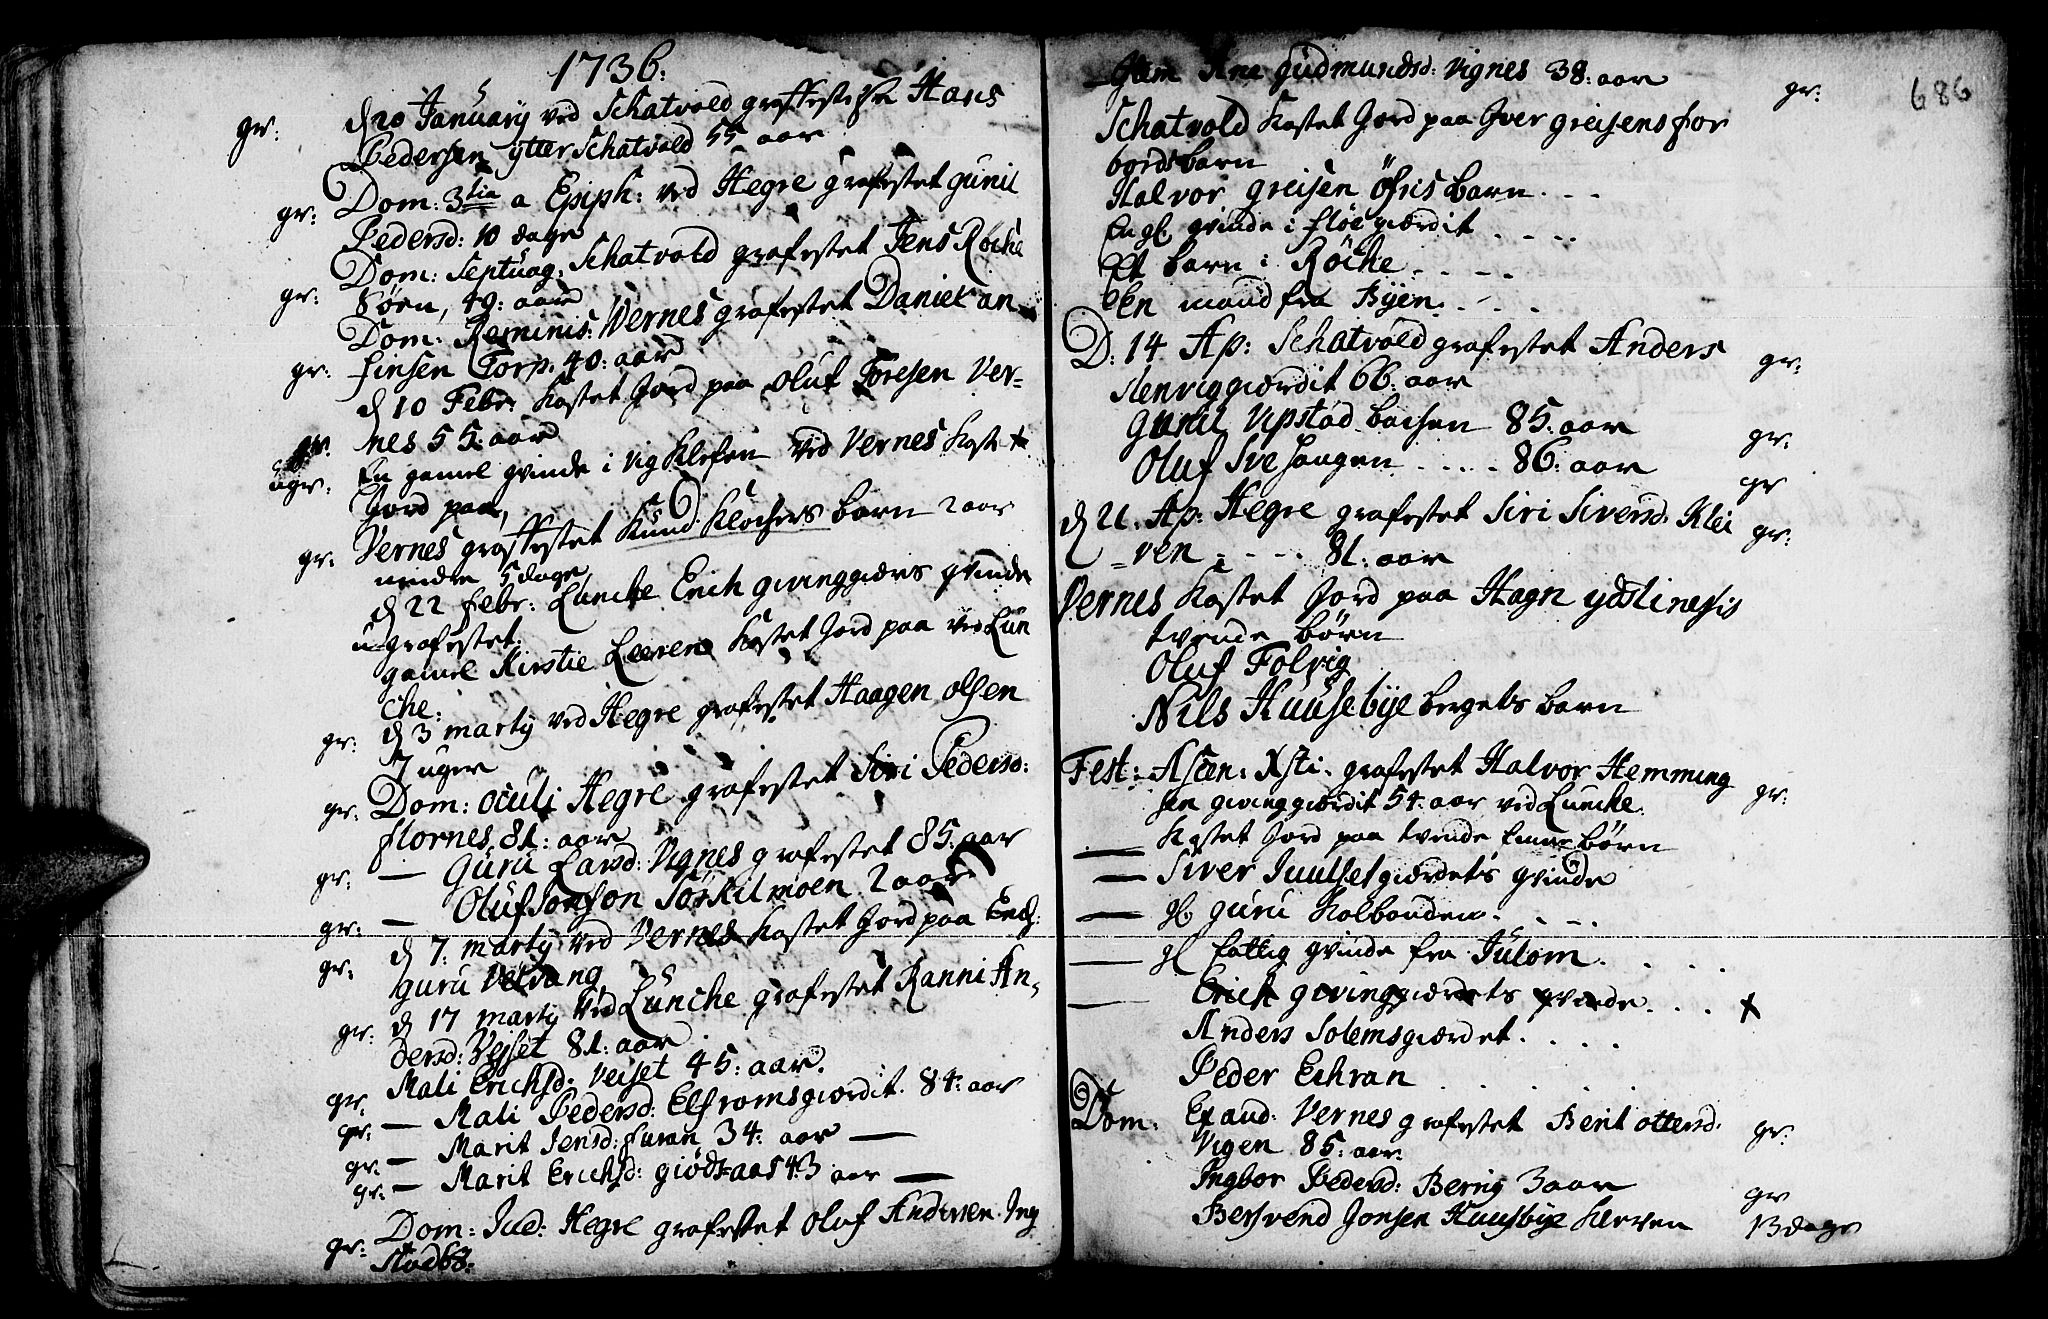 SAT, Ministerialprotokoller, klokkerbøker og fødselsregistre - Nord-Trøndelag, 709/L0055: Ministerialbok nr. 709A03, 1730-1739, s. 685-686